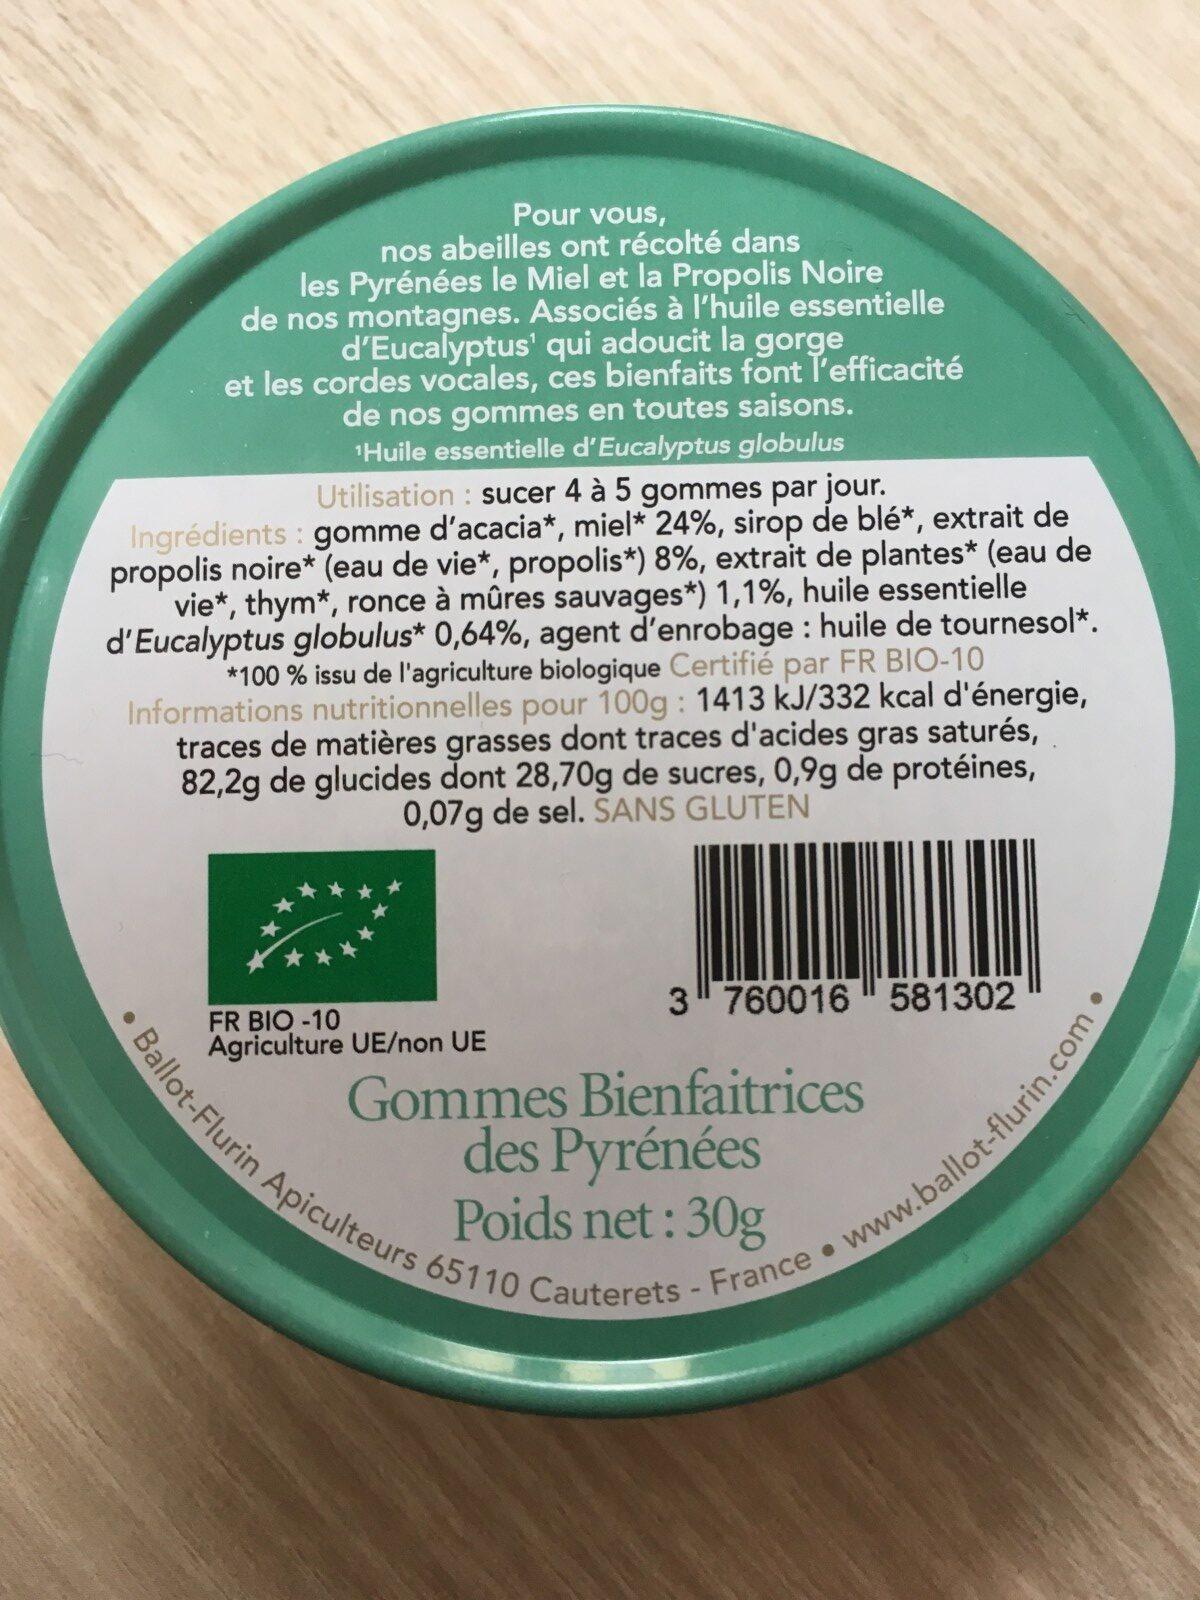 Gommes Bienfaitrices des Pyrénées - Ingrédients - fr